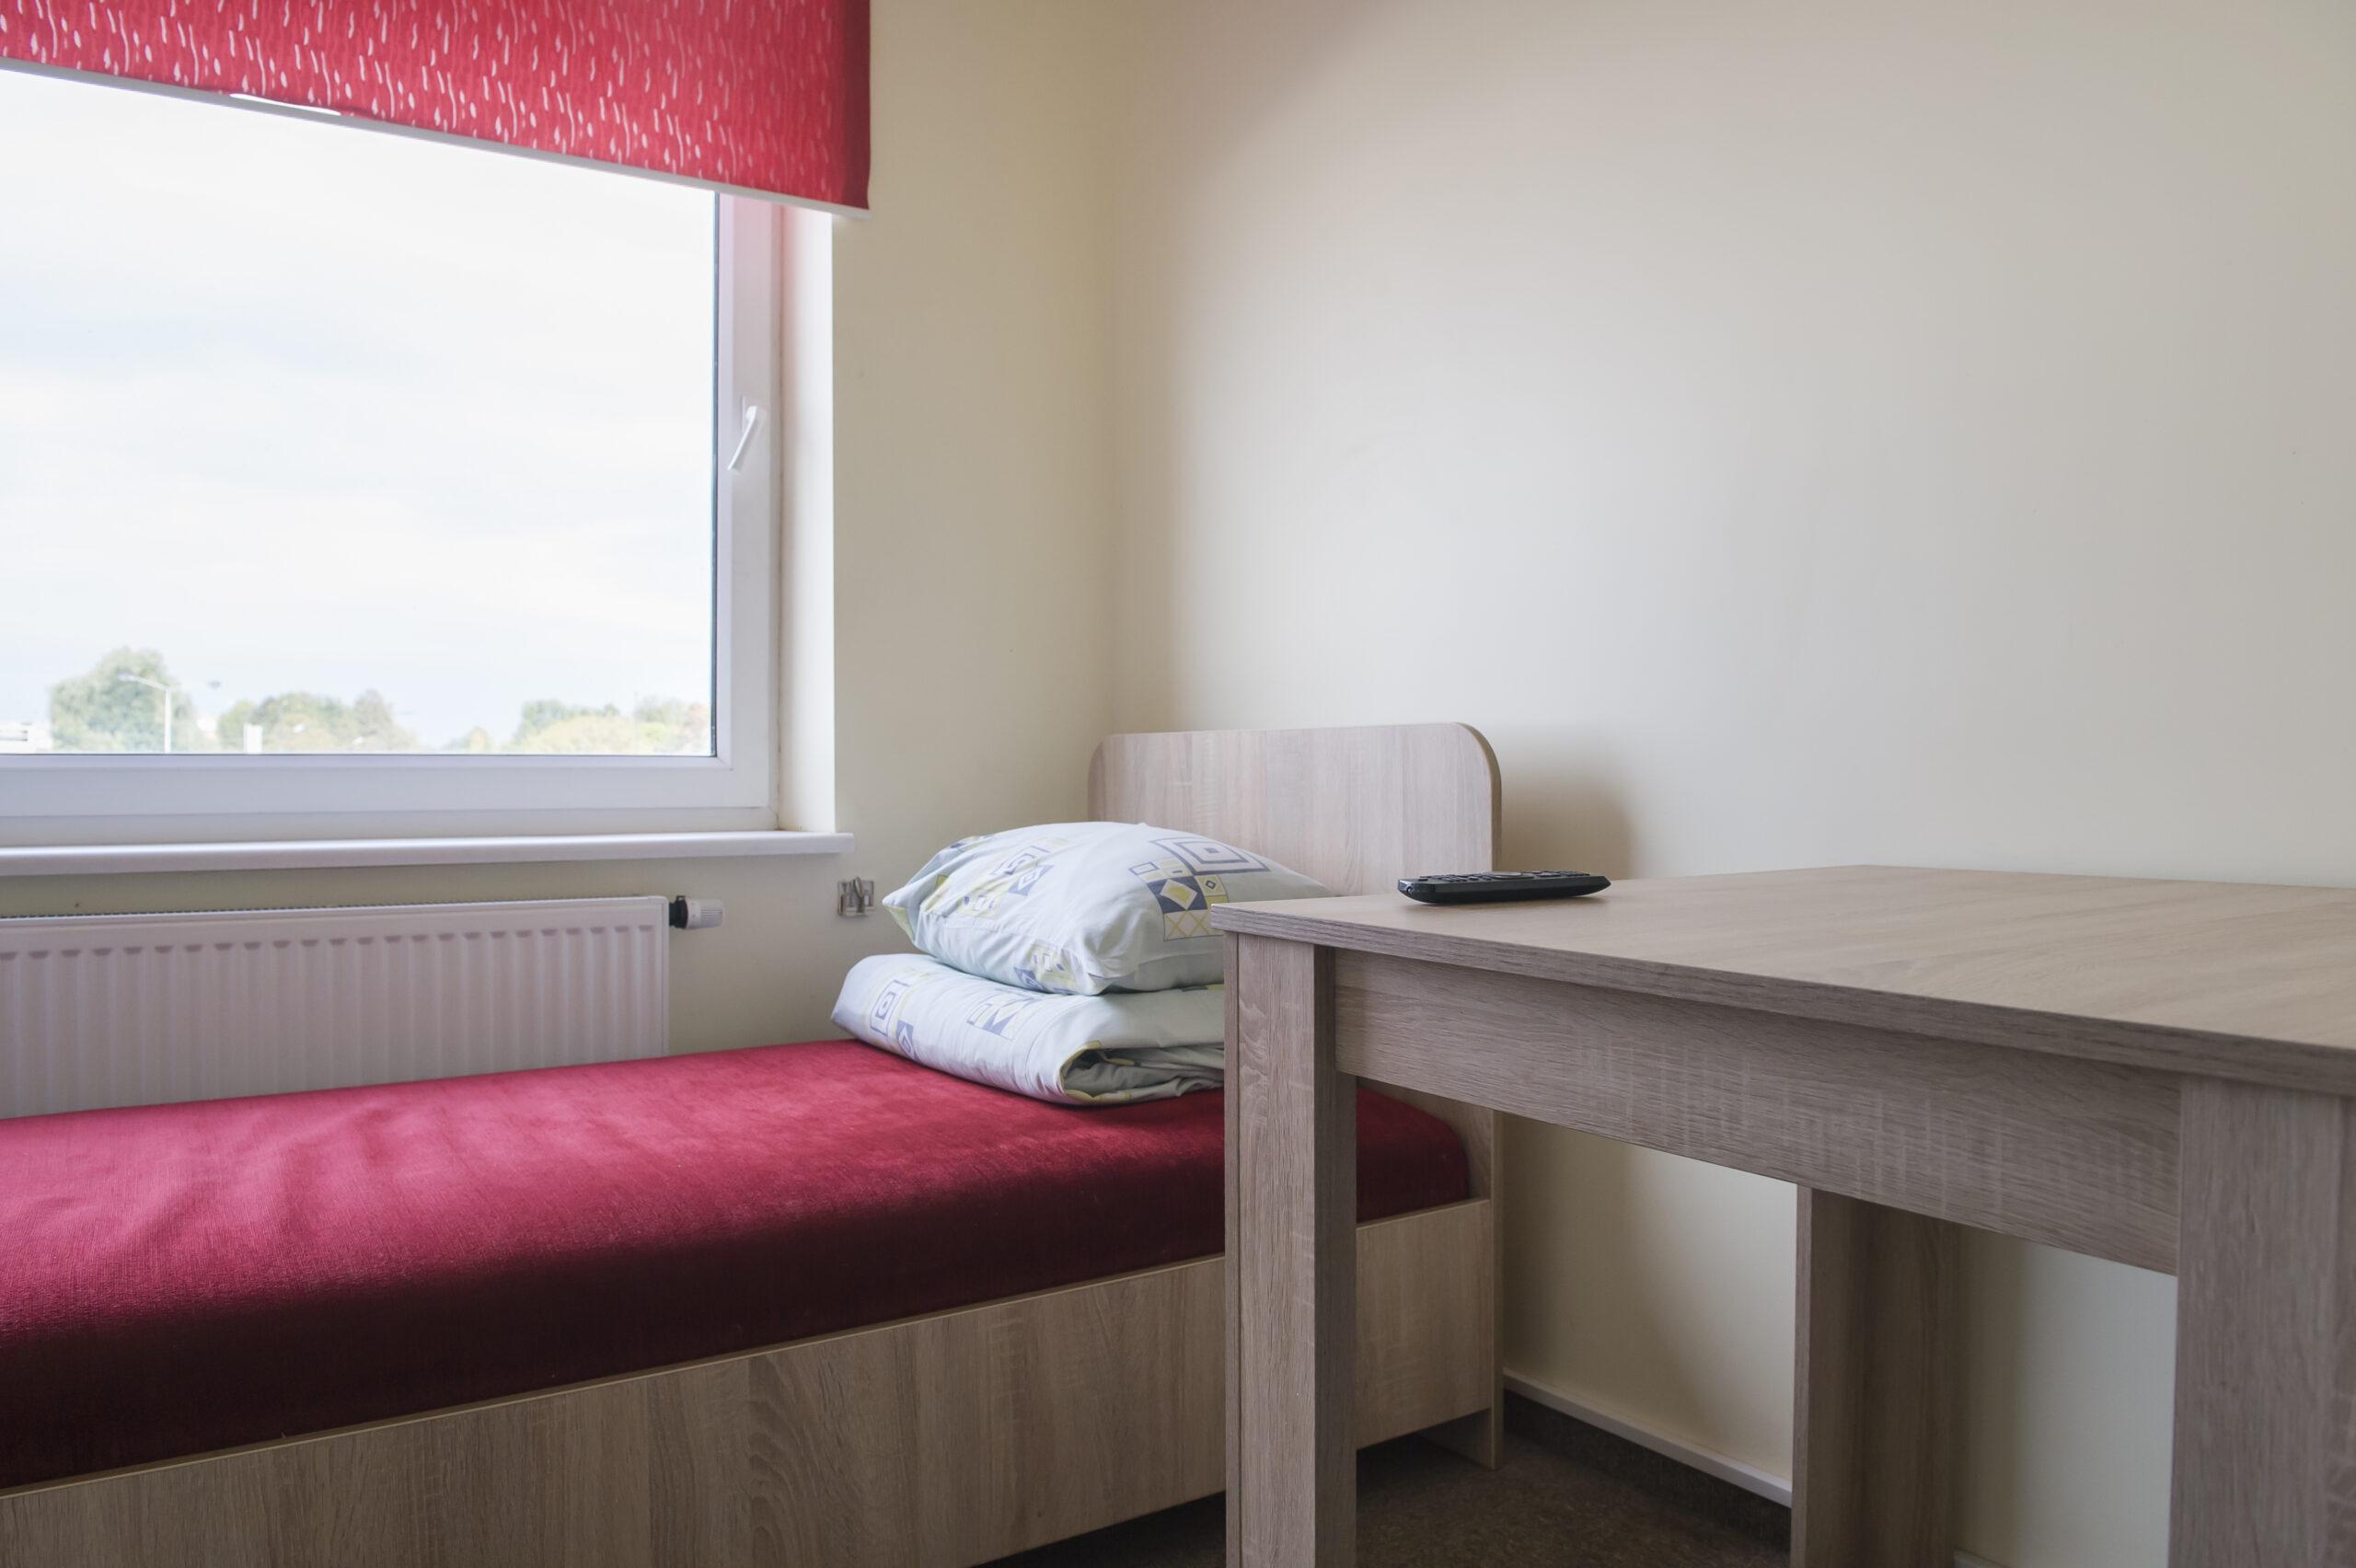 Vienvietis kambarys su bendrais patogumais